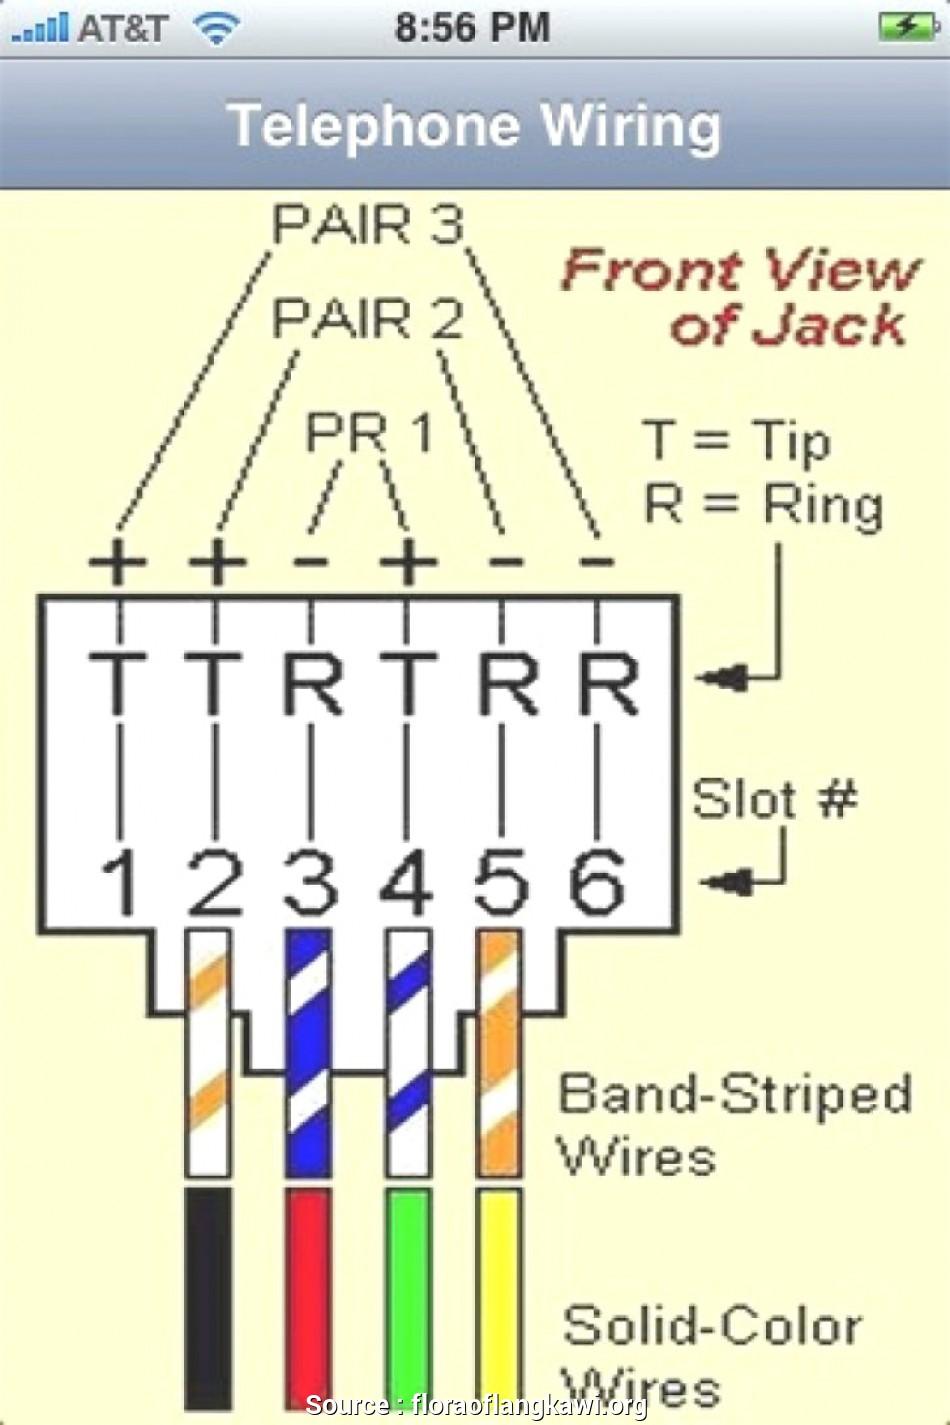 Marvelous Jack Rj 11 Wiring Wiring Diagram Wiring Cloud Domeilariaidewilluminateatxorg